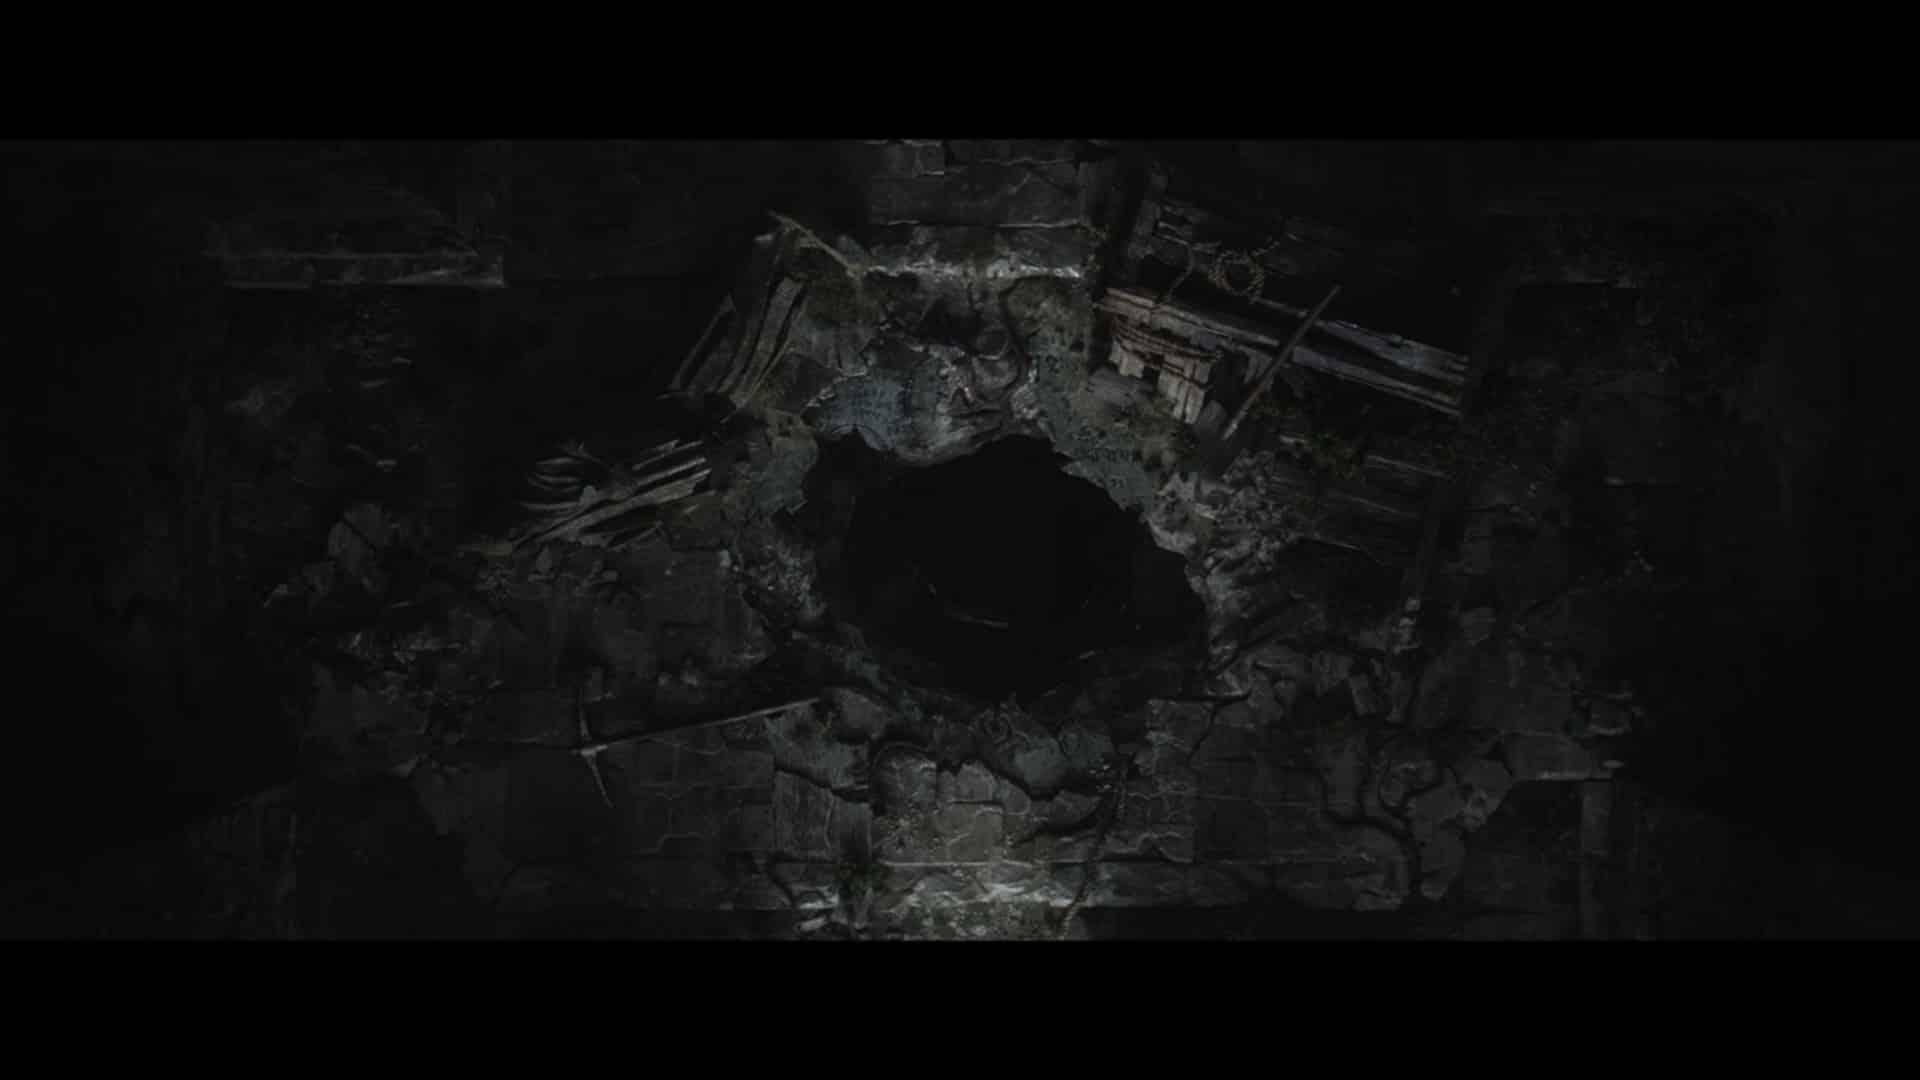 diablo-4-cinematique-introduction-information-details-blizzcon-2019-2